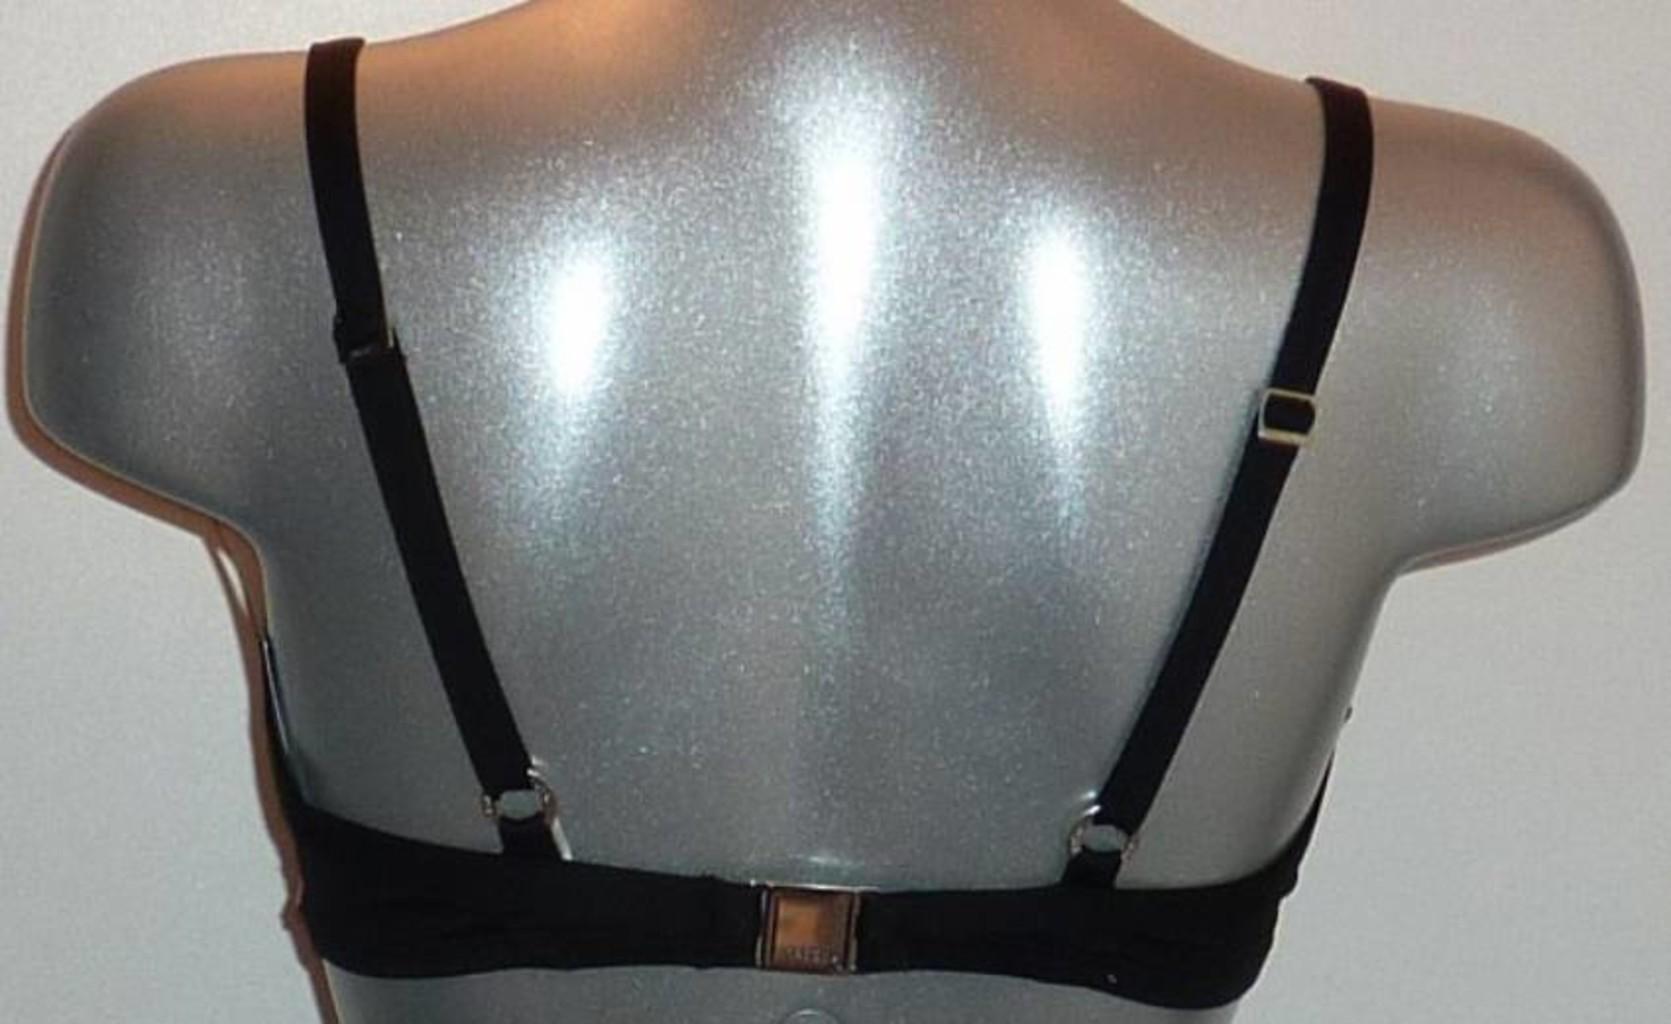 Sapph Sapph Caya Bay Bikinitop met beugel & voorgevormde cup mt D95 zwart met wit